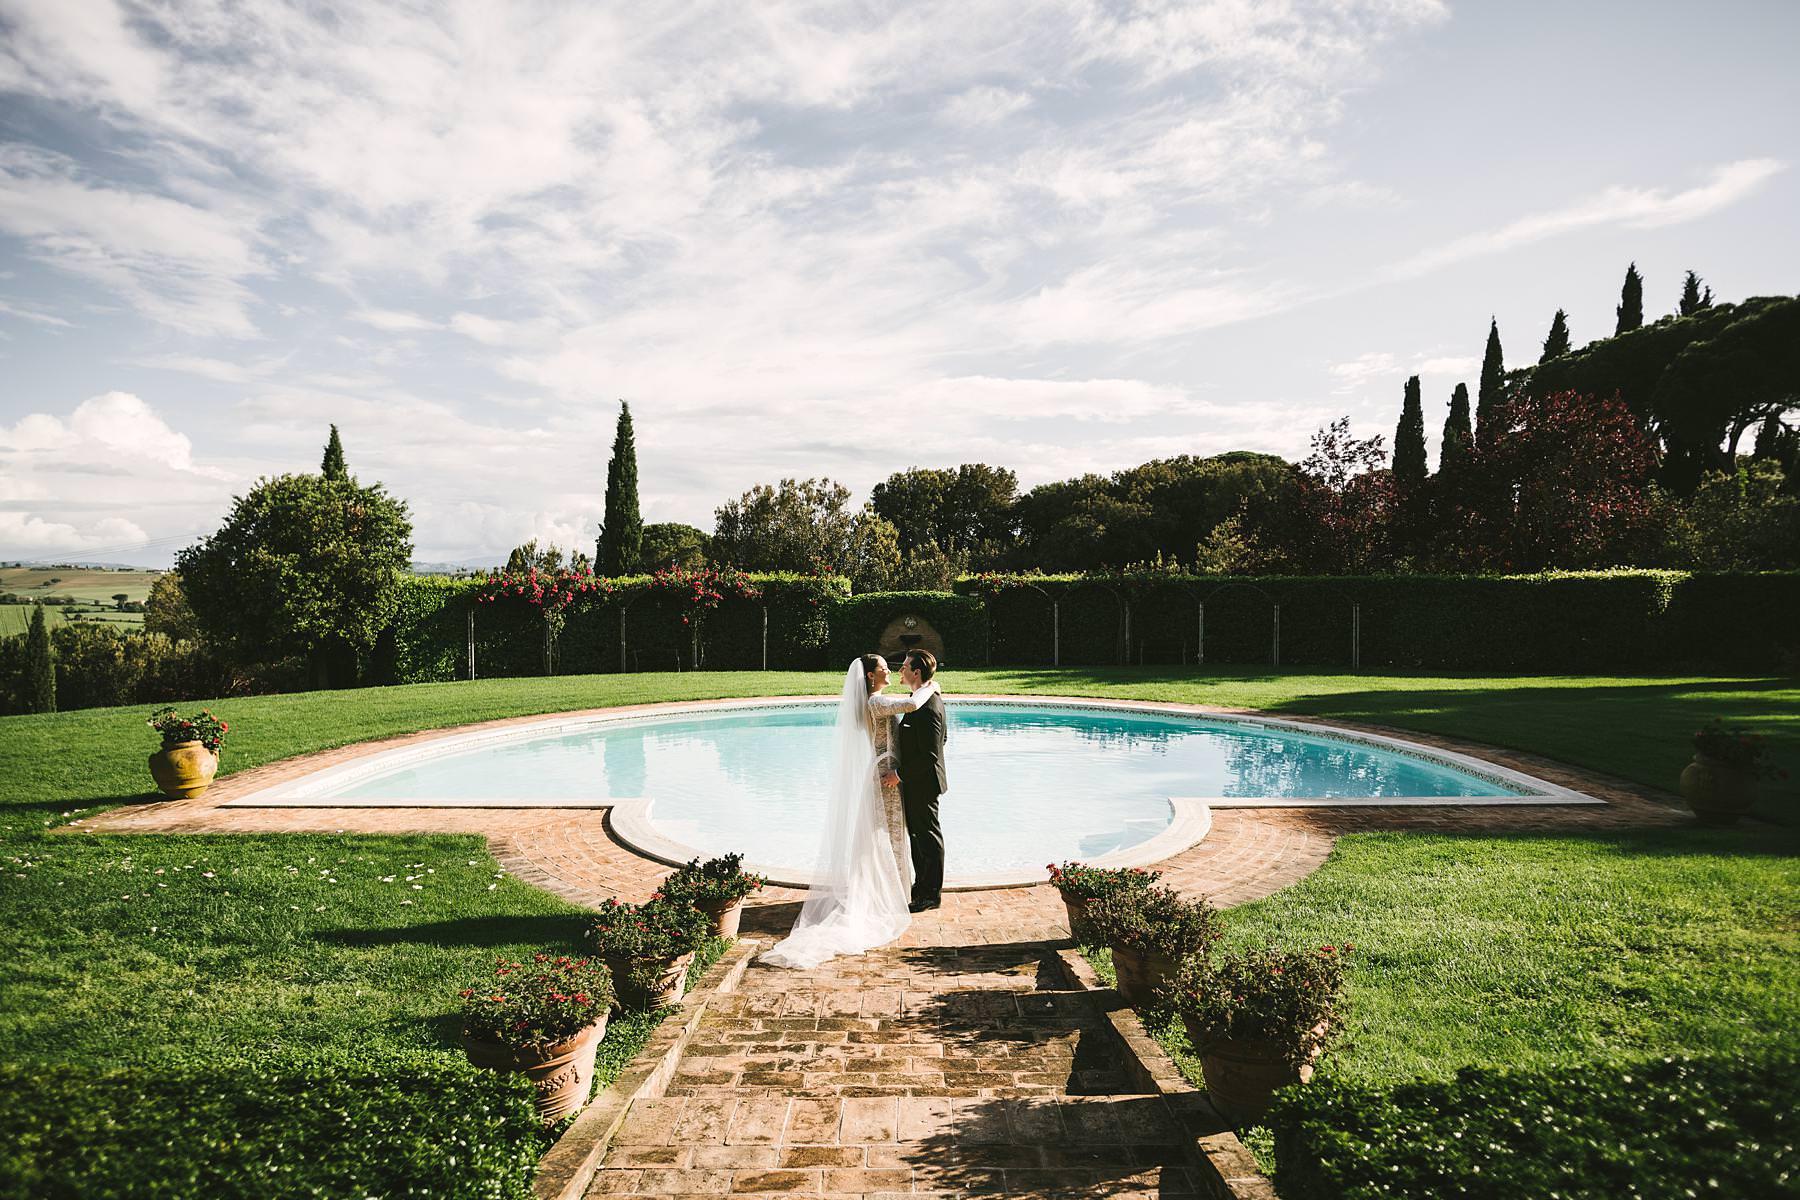 Bride and groom wedding portrait. Elegant intimate destination symbolic wedding in Umbria at Villa l'Antica Posta